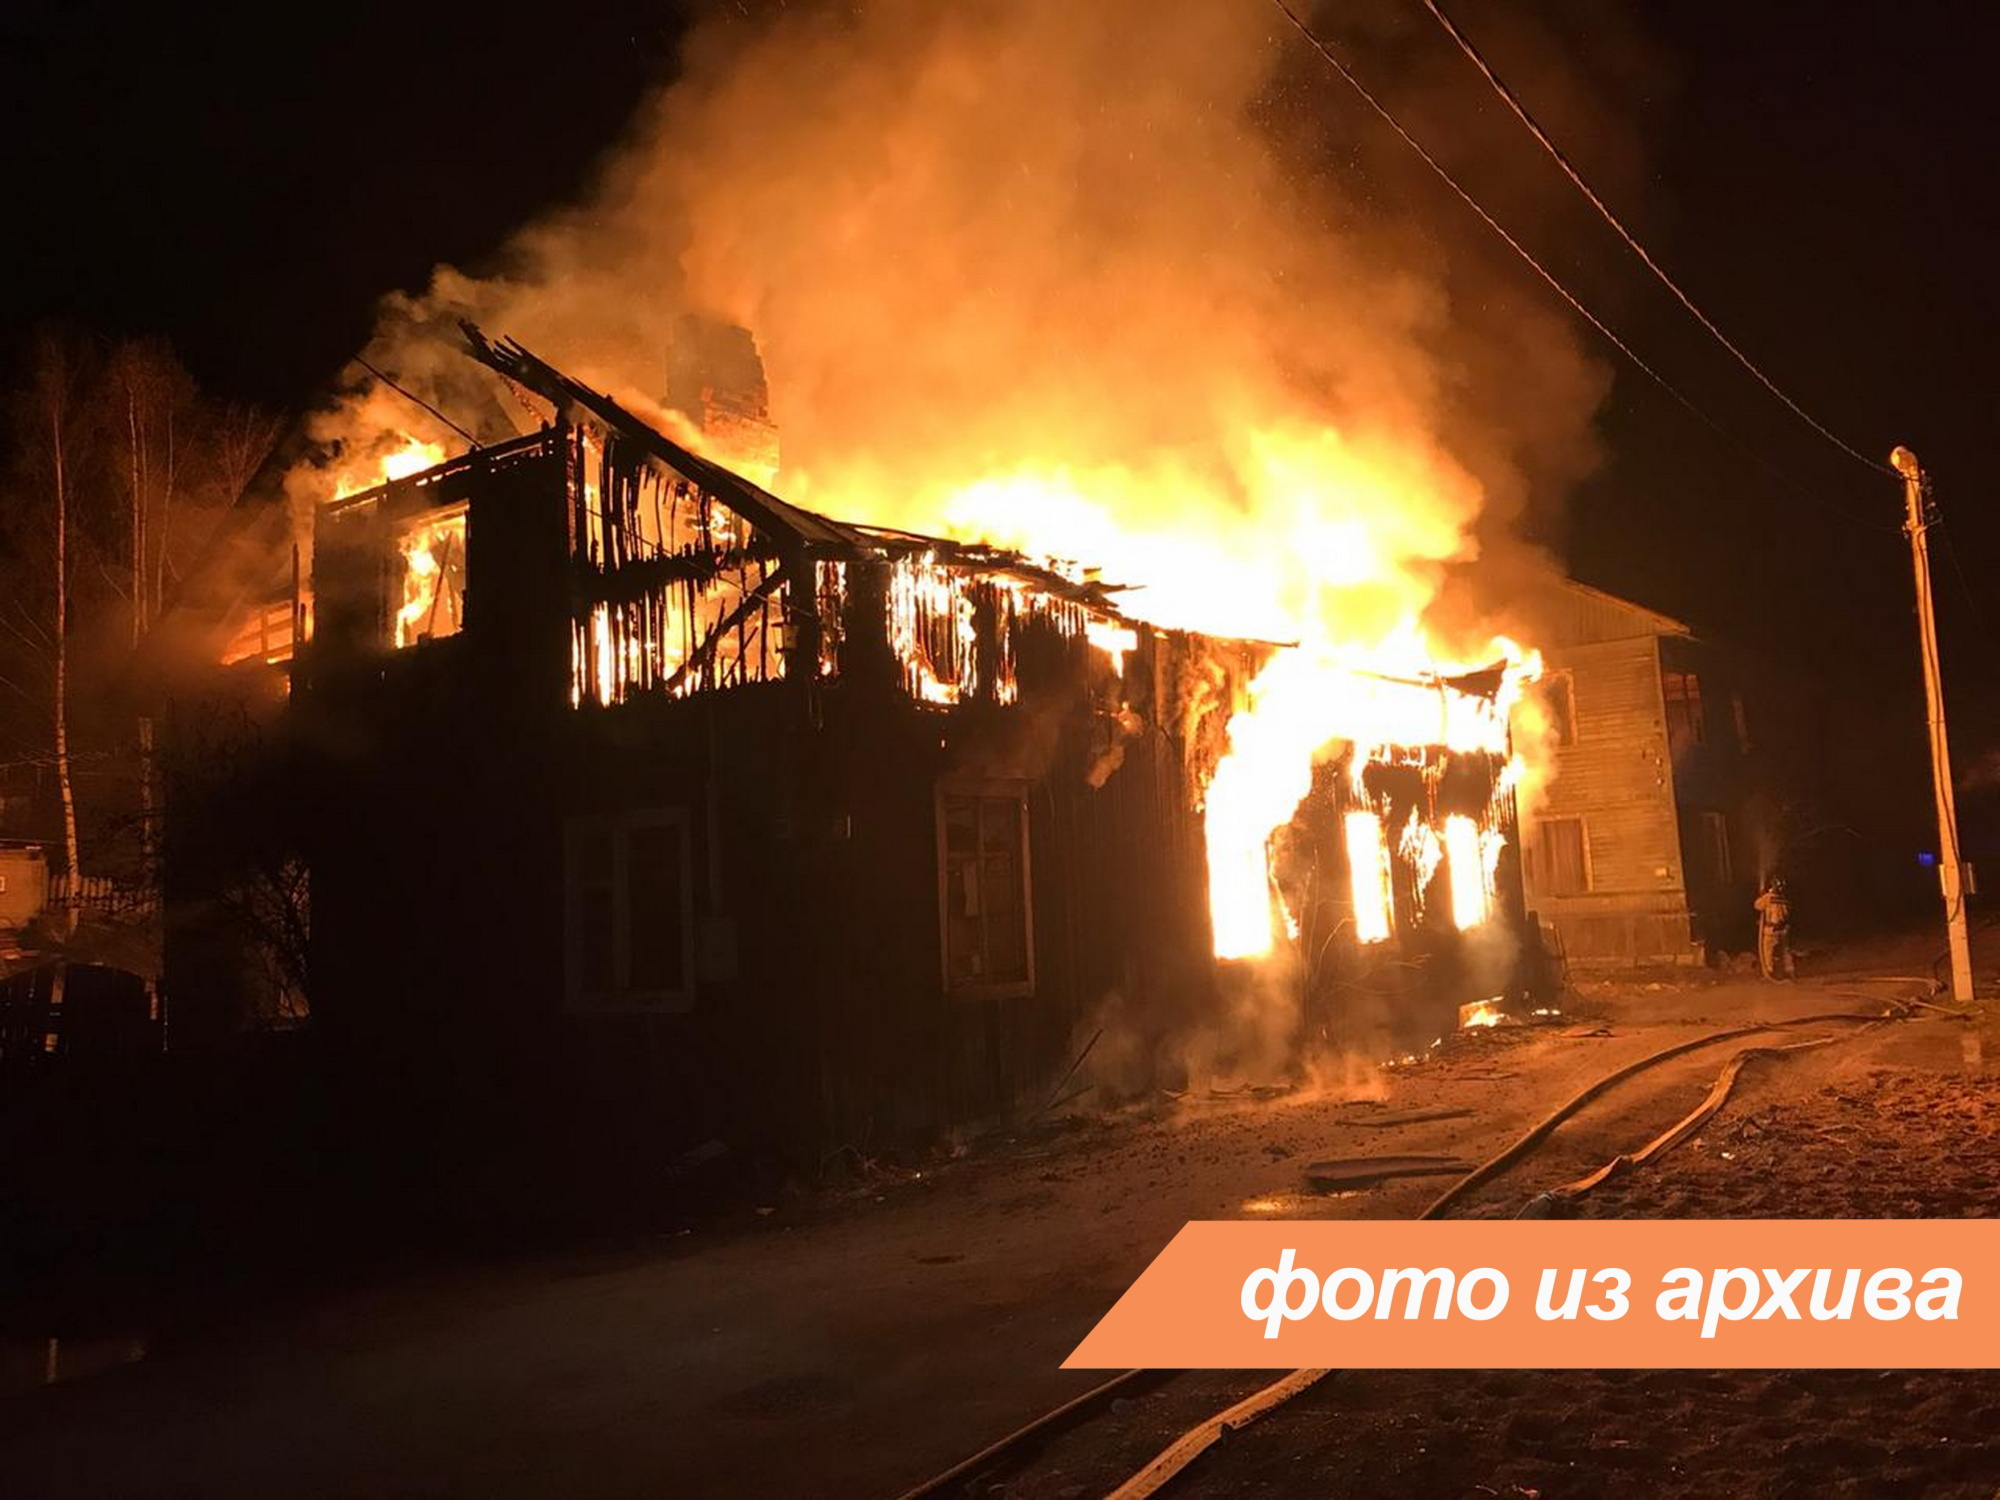 Пожарно-спасательное подразделение Ленинградской области ликвидировало пожар в Киришском районе